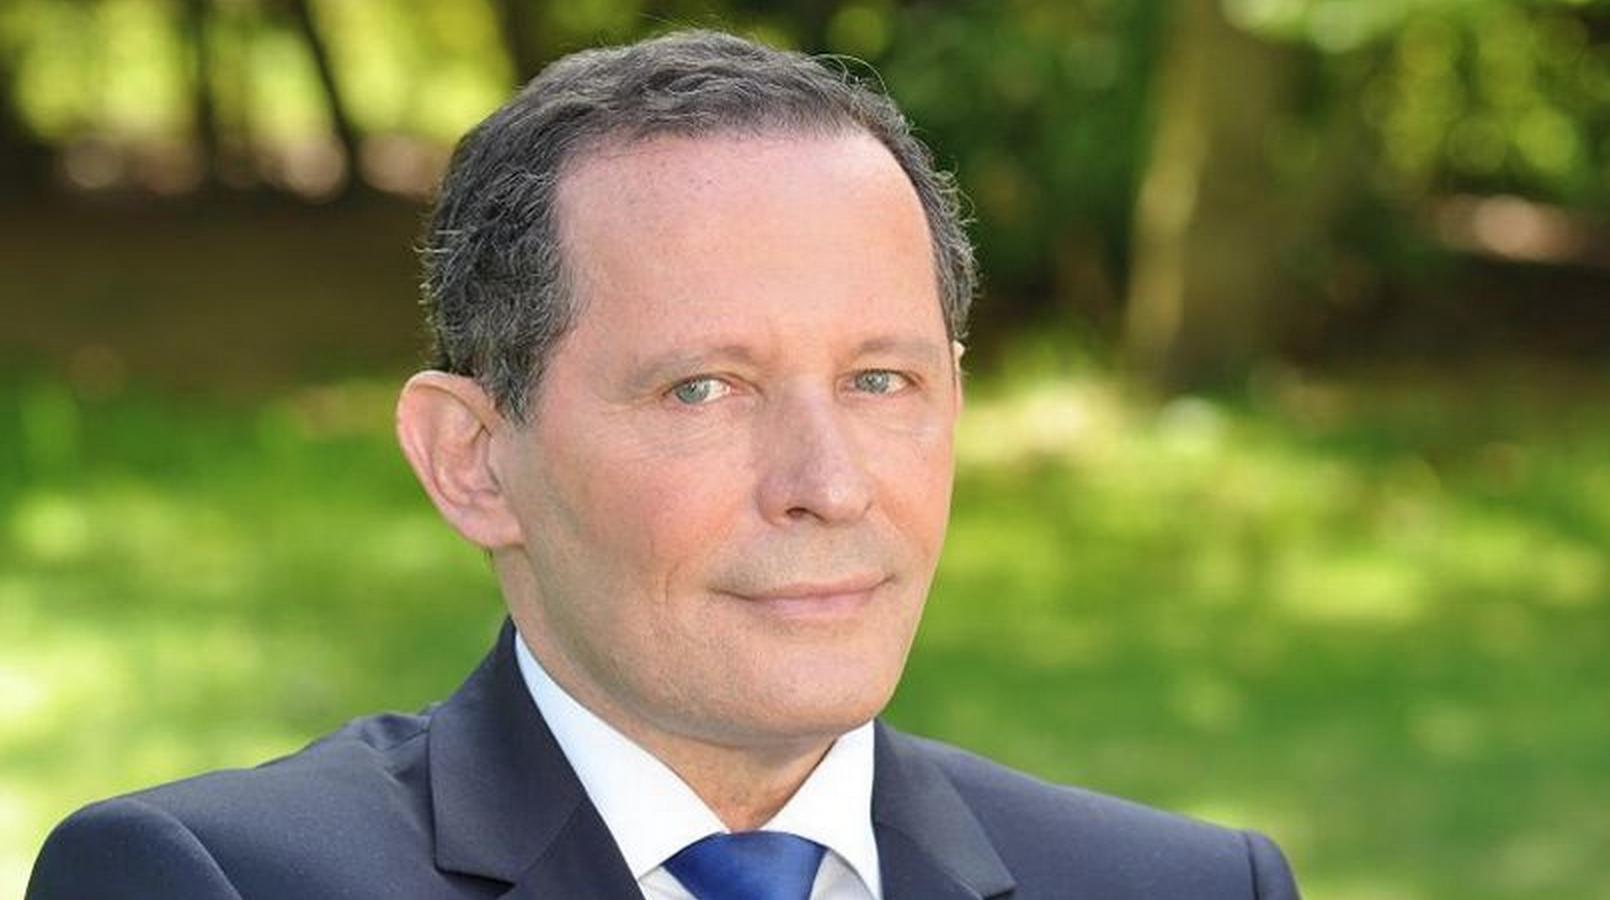 visuel post tribune Gérard Bekerman demande des taux justes pour l'assurance-vie dans Le Figaro du 01/11/14